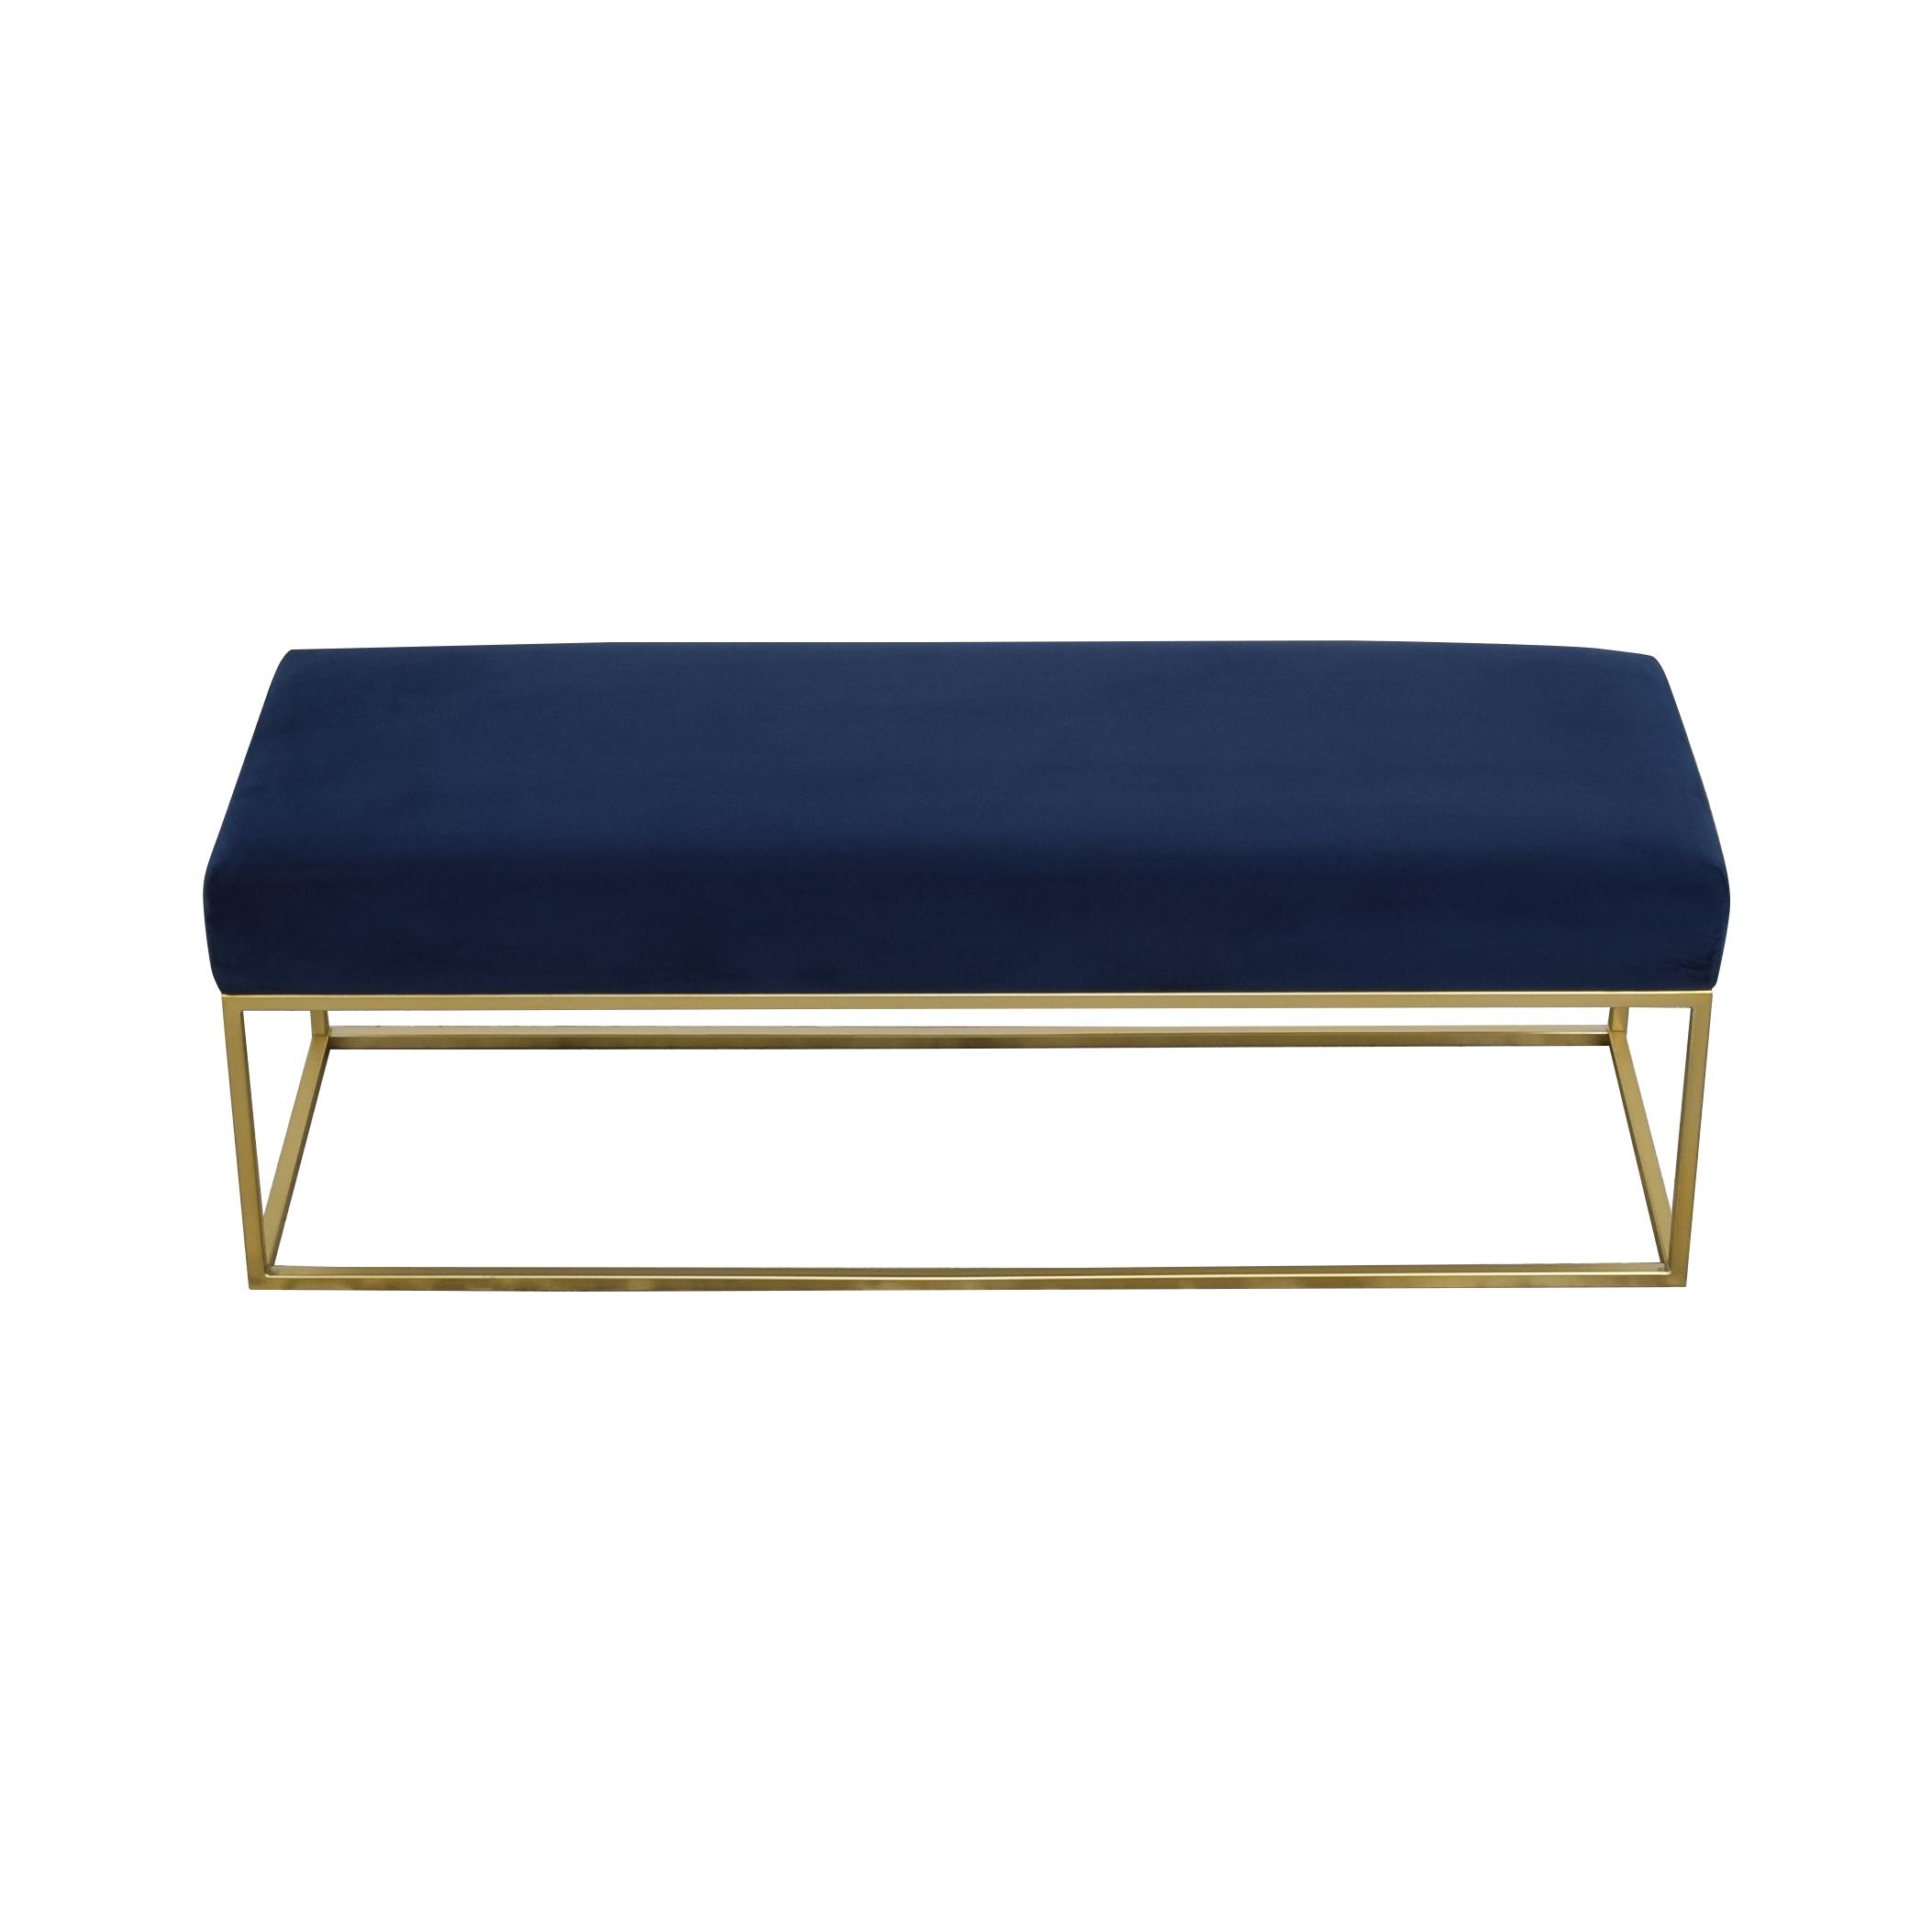 West Elm West Elm Box Frame Upholstered Bench on sale